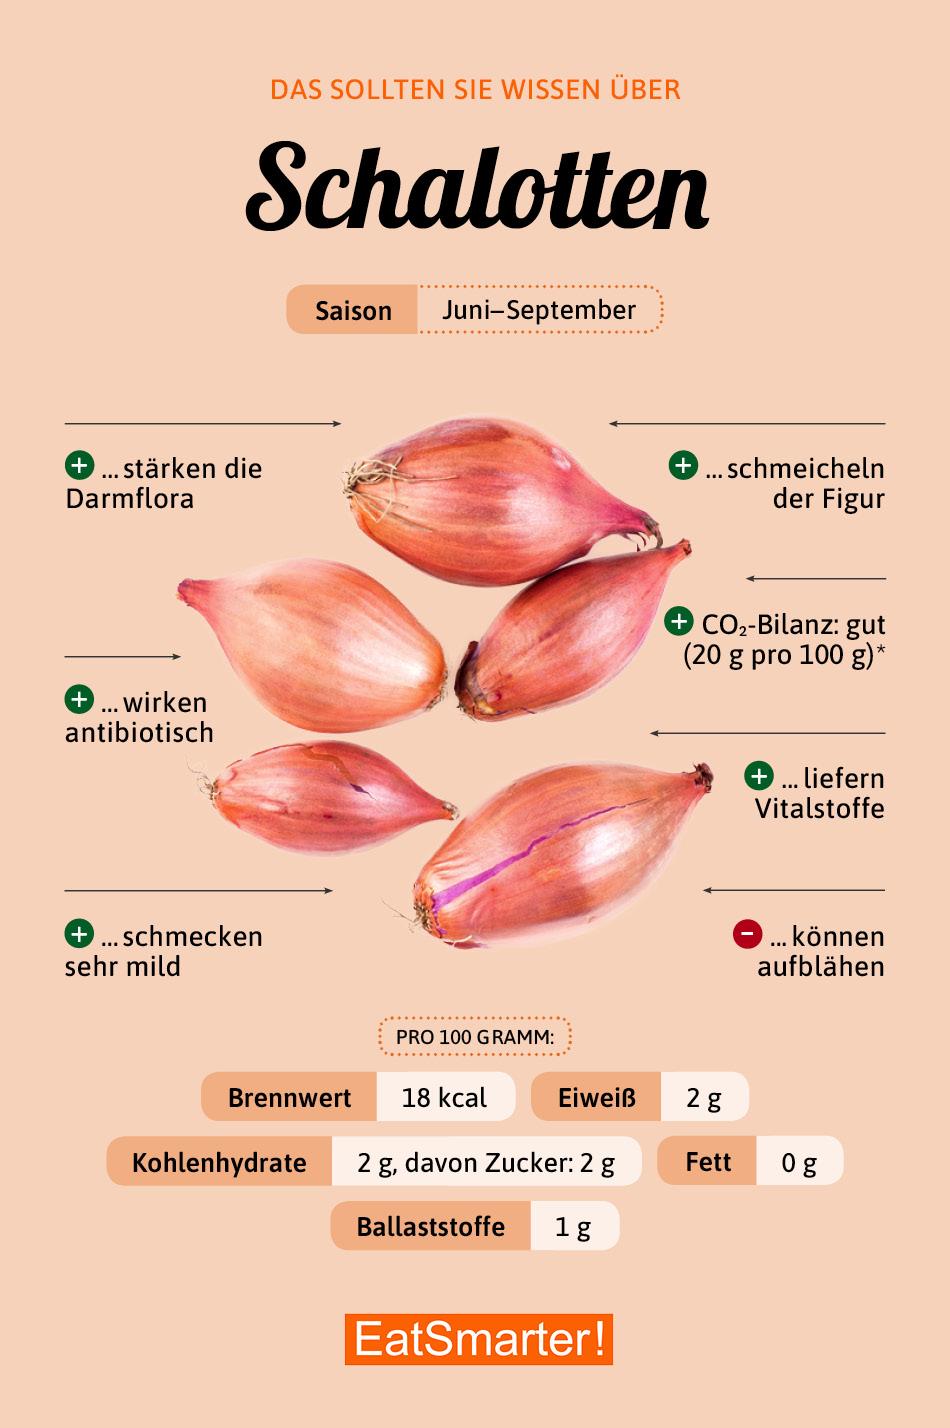 Vorteile beim Abnehmen von Zwiebeln mit